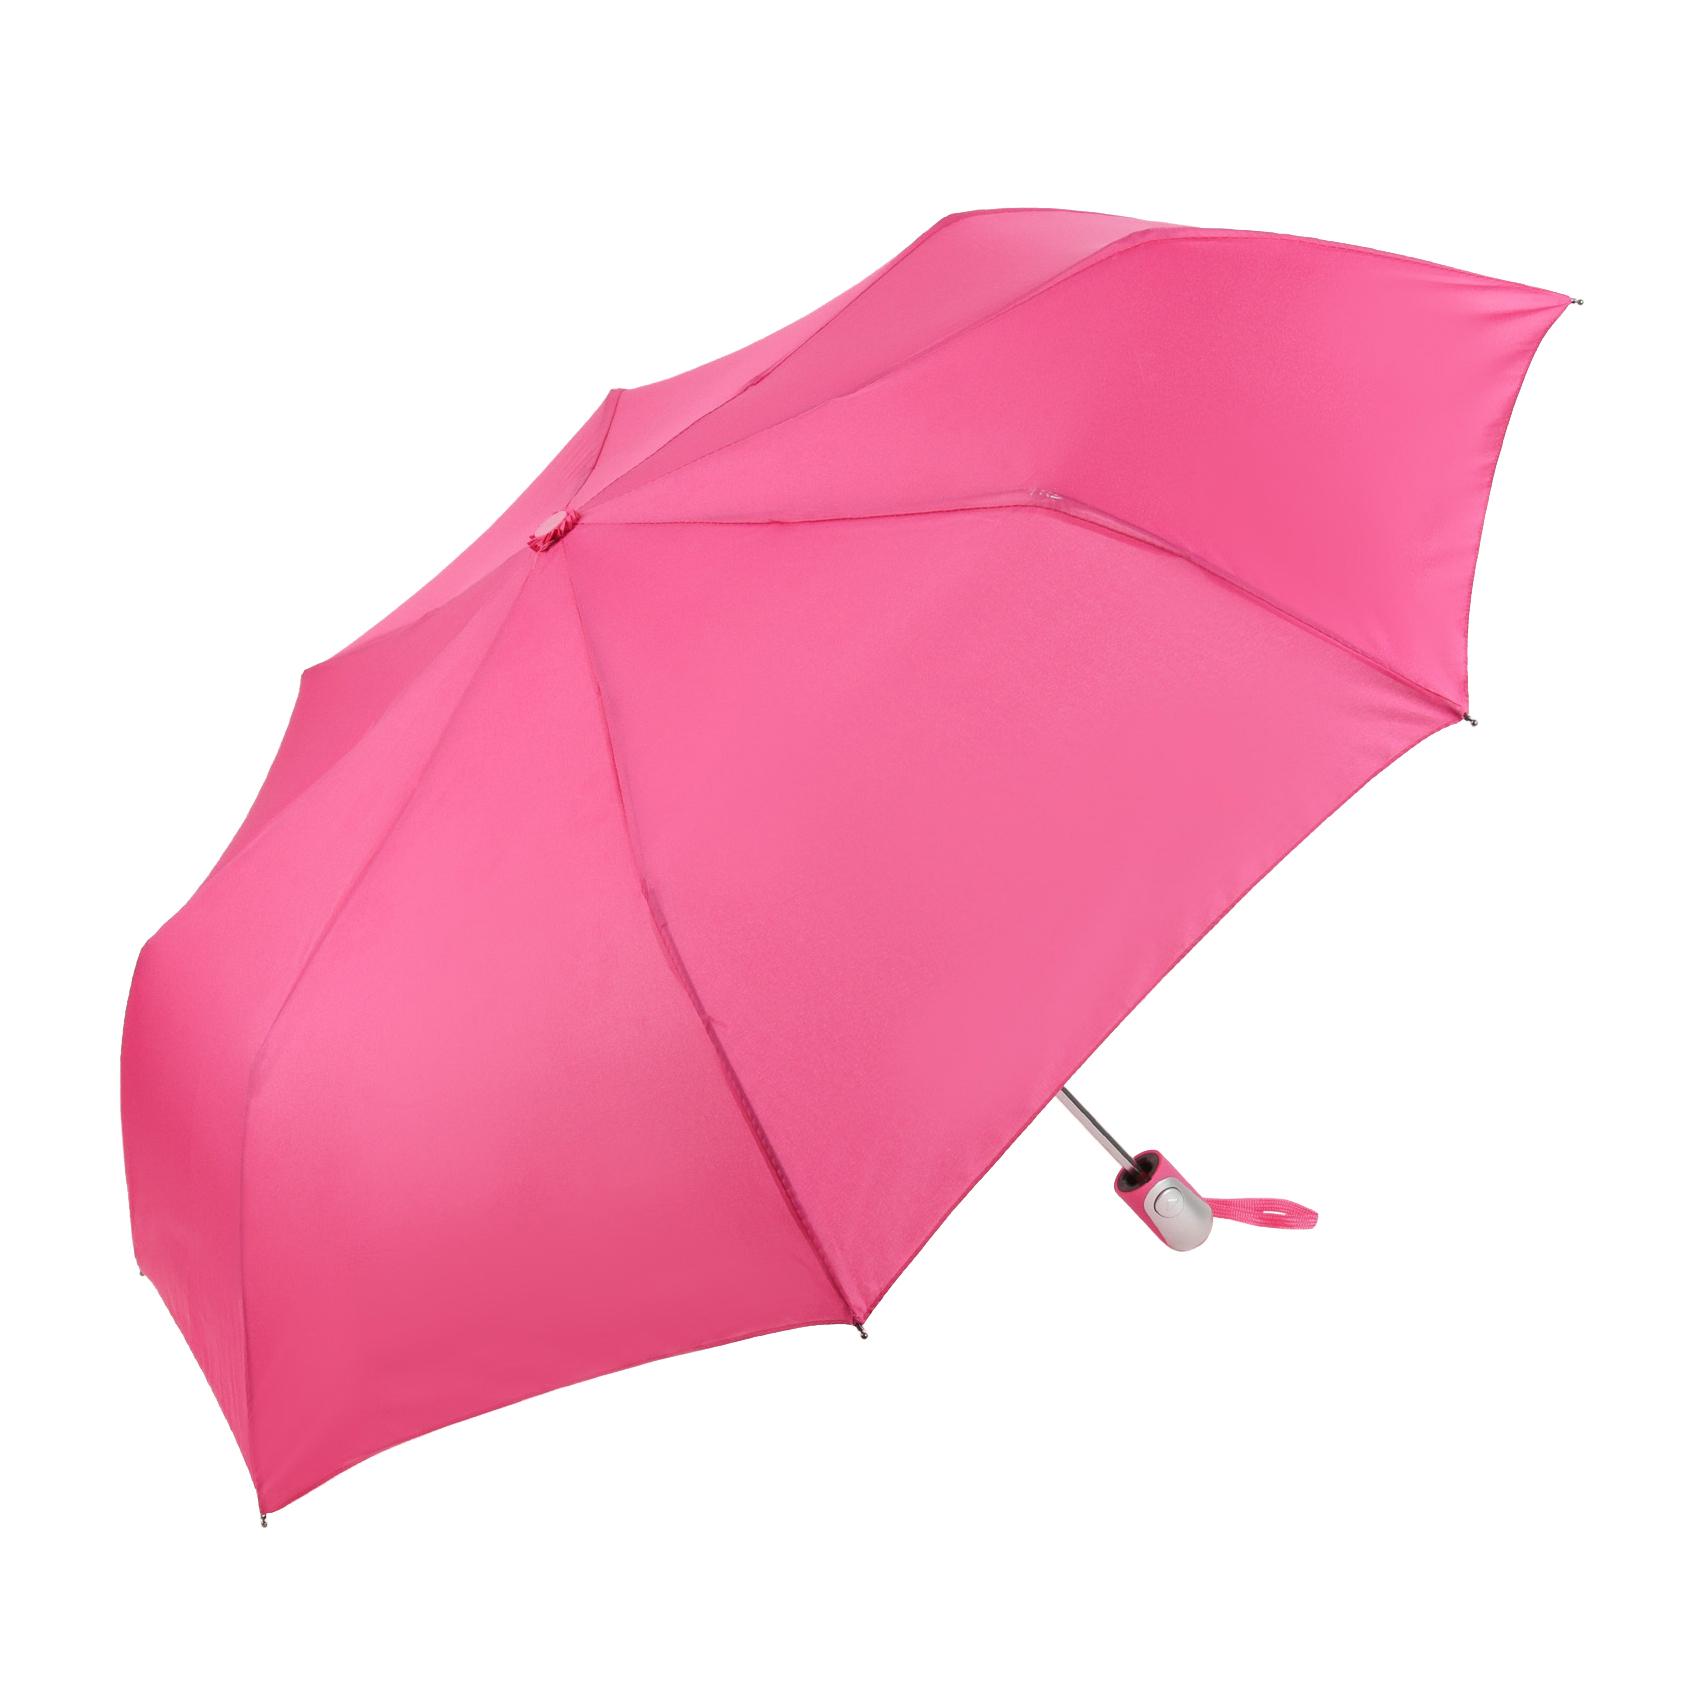 Зонт полуавтомат Sima женский Цветочки 3 сложения